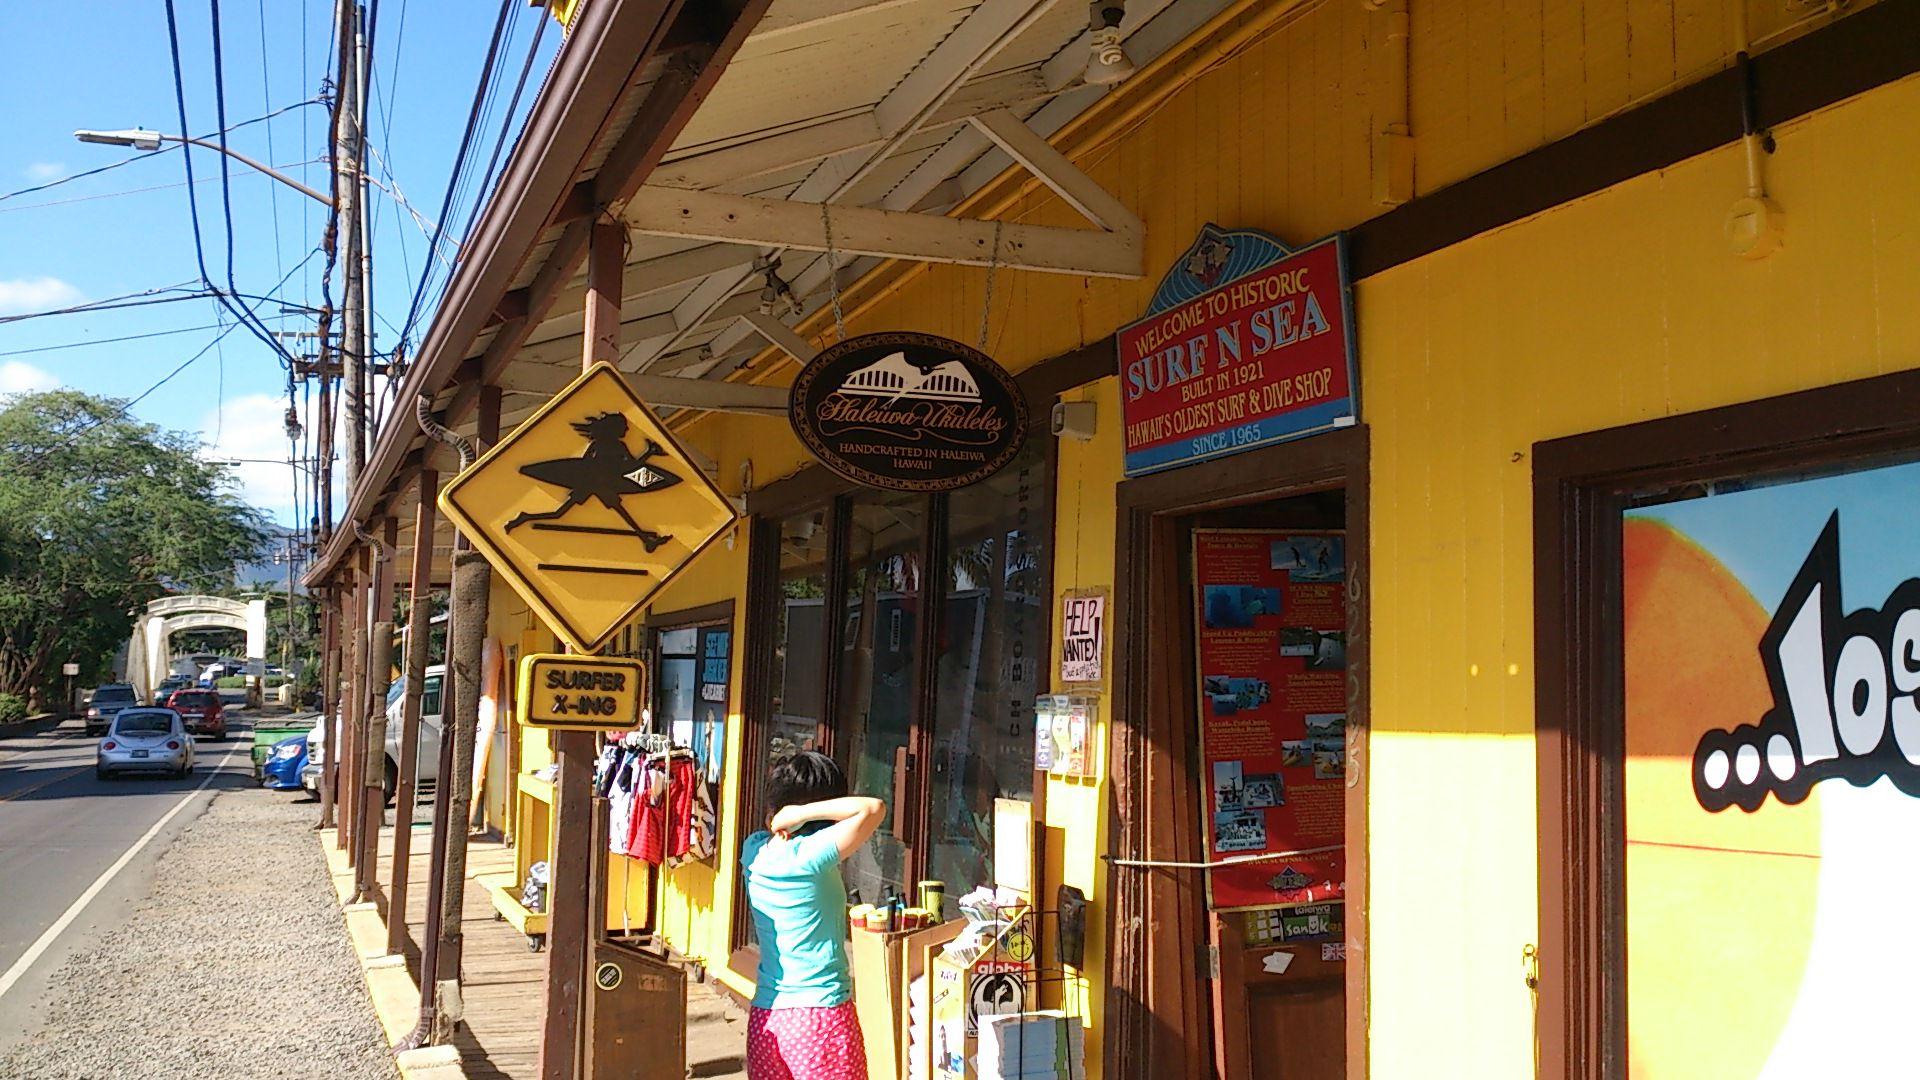 ハワイで買うべきものが見つかる!ハワイ・ハレイワでの買い物スポット7選